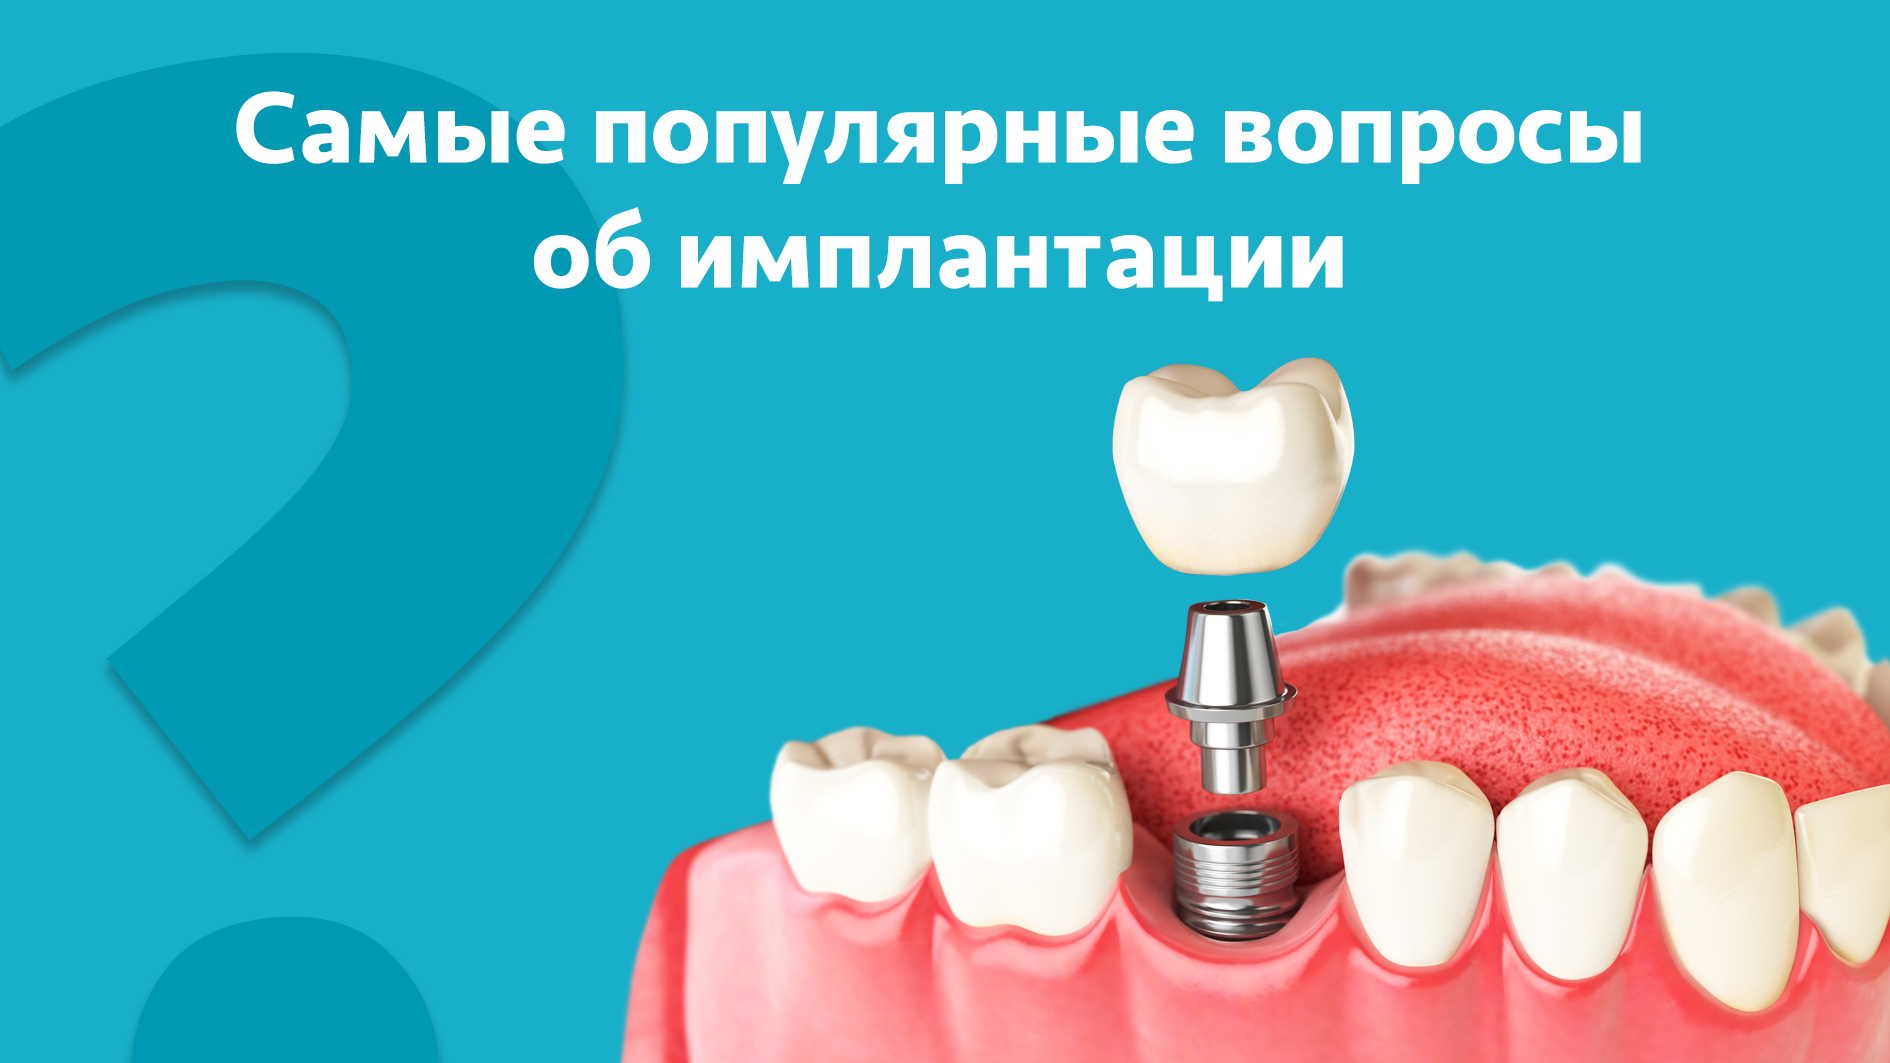 Кому задать вопросы по имплантации зубов